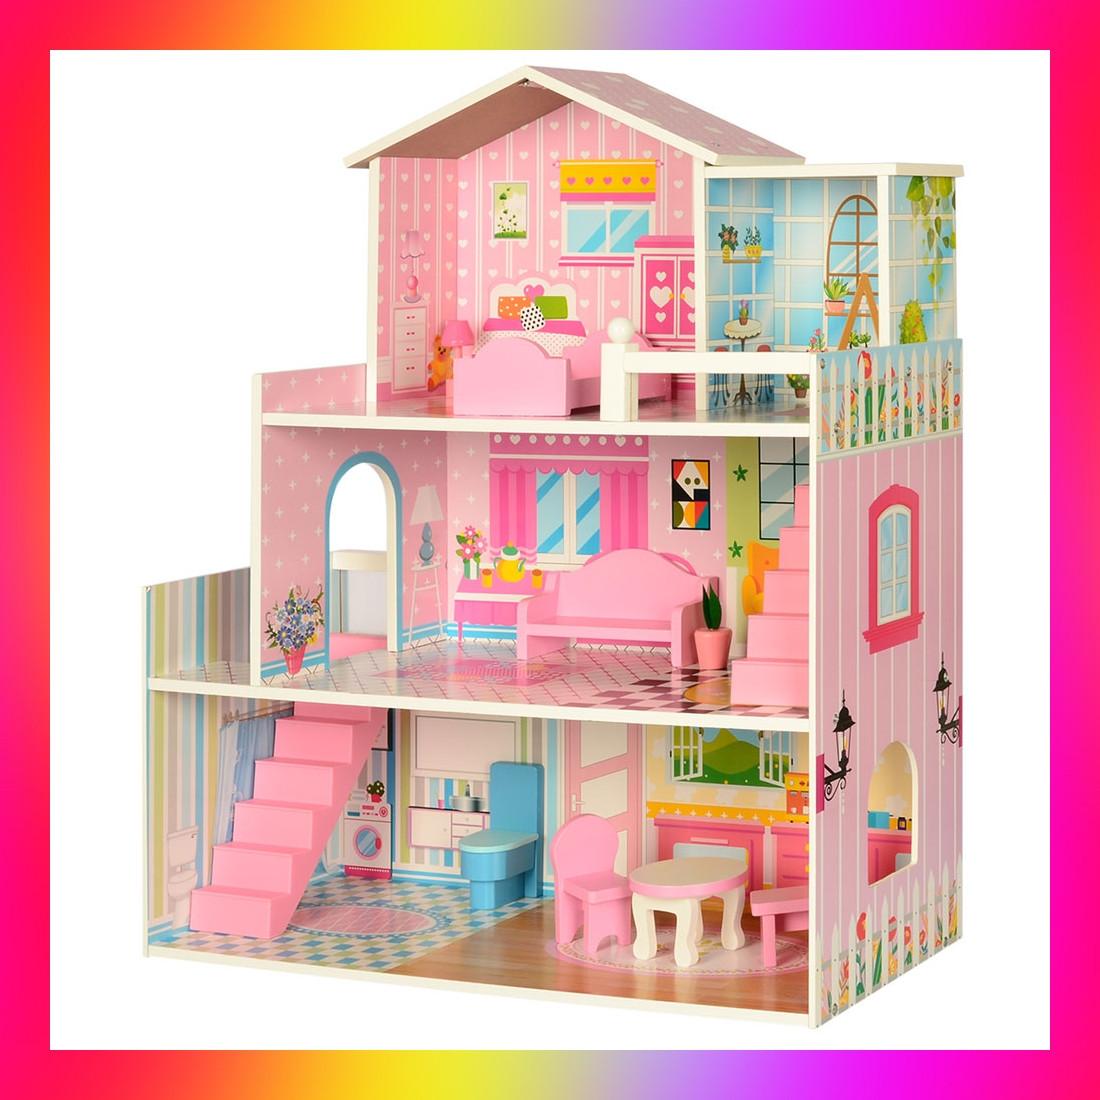 Кукольный домик большой с куклами и мебелью 2251 розовый. Ляльковий будинок деревяний